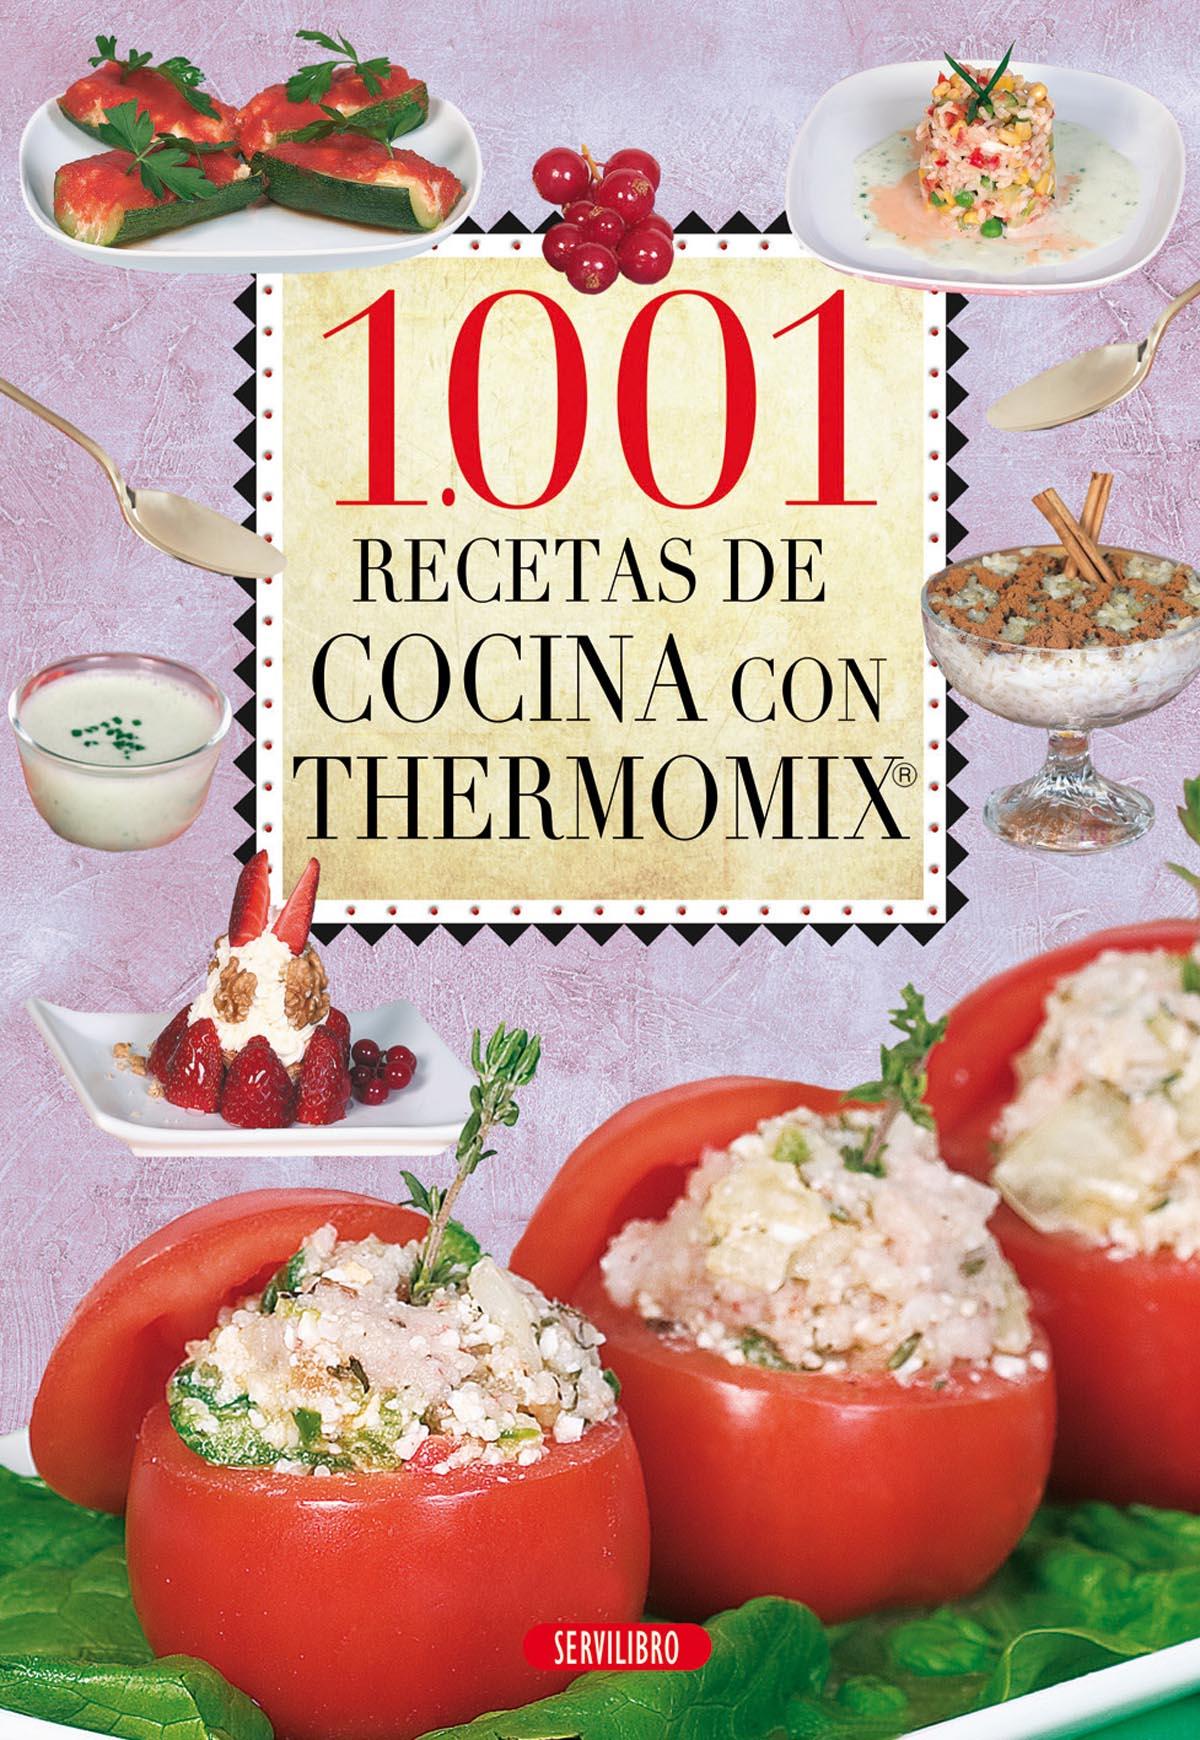 Libros de cocina libros servilibro ediciones - Libros de cocina originales ...